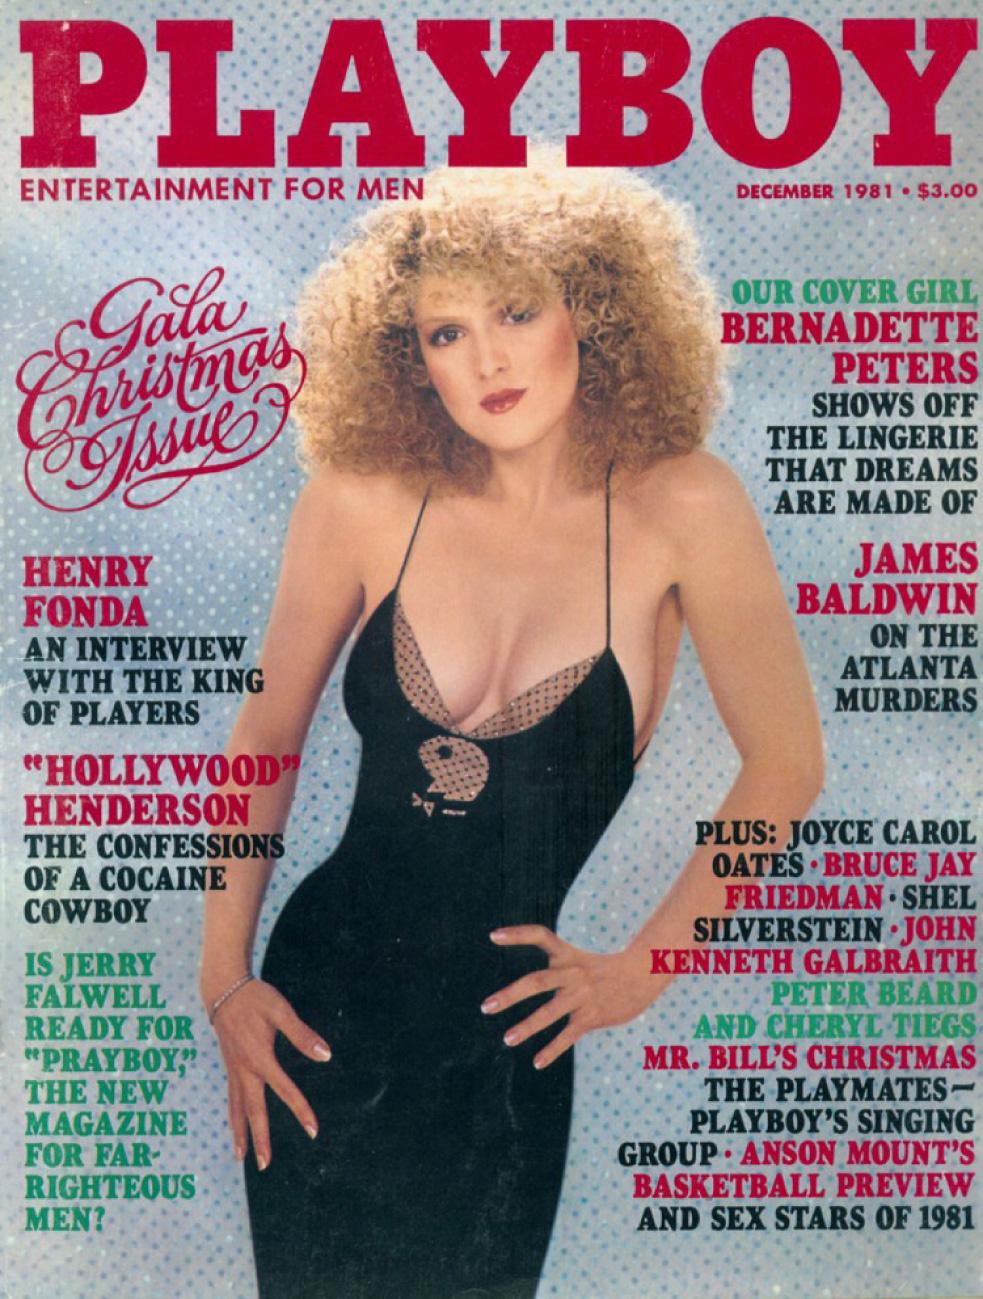 Фото из плейбоя 1990г 20 фотография